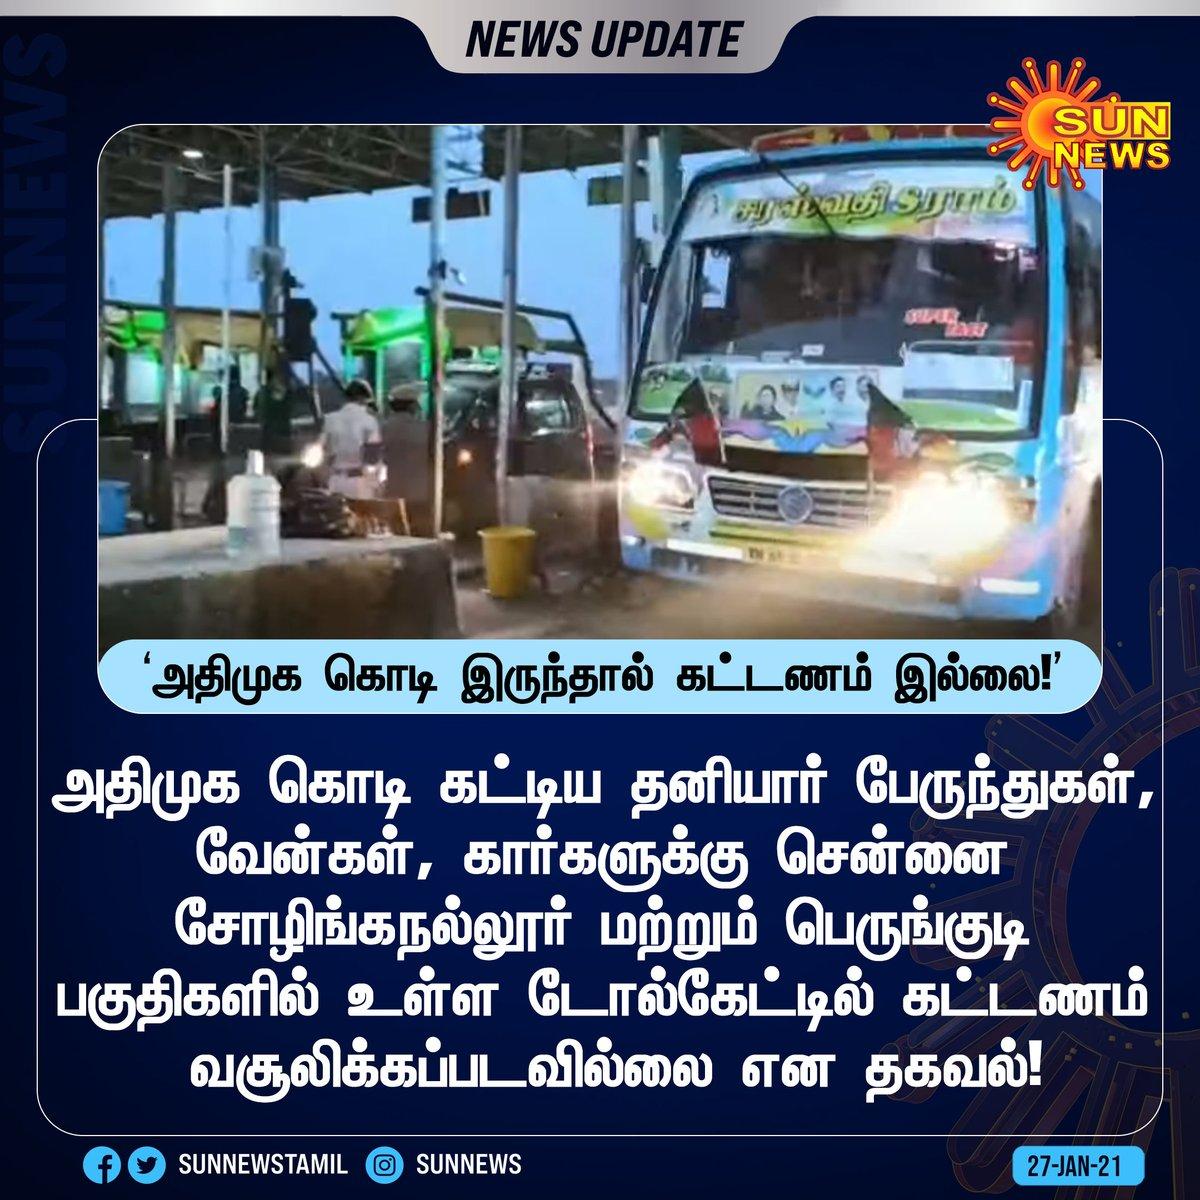 #NEWSUPDATE | அதிமுக கொடி கட்டிய தனியார் பேருந்துகள், வேன்கள், கார்களுக்கு சென்னை சோழிங்கநல்லூர் டோல்கேட்டில் கட்டணம் வசூலிக்கப்படவில்லை என தகவல்!  #SunNews | #ADMK | #TollPlaza | #JayalalithaaMemorial | @AIADMKOfficial